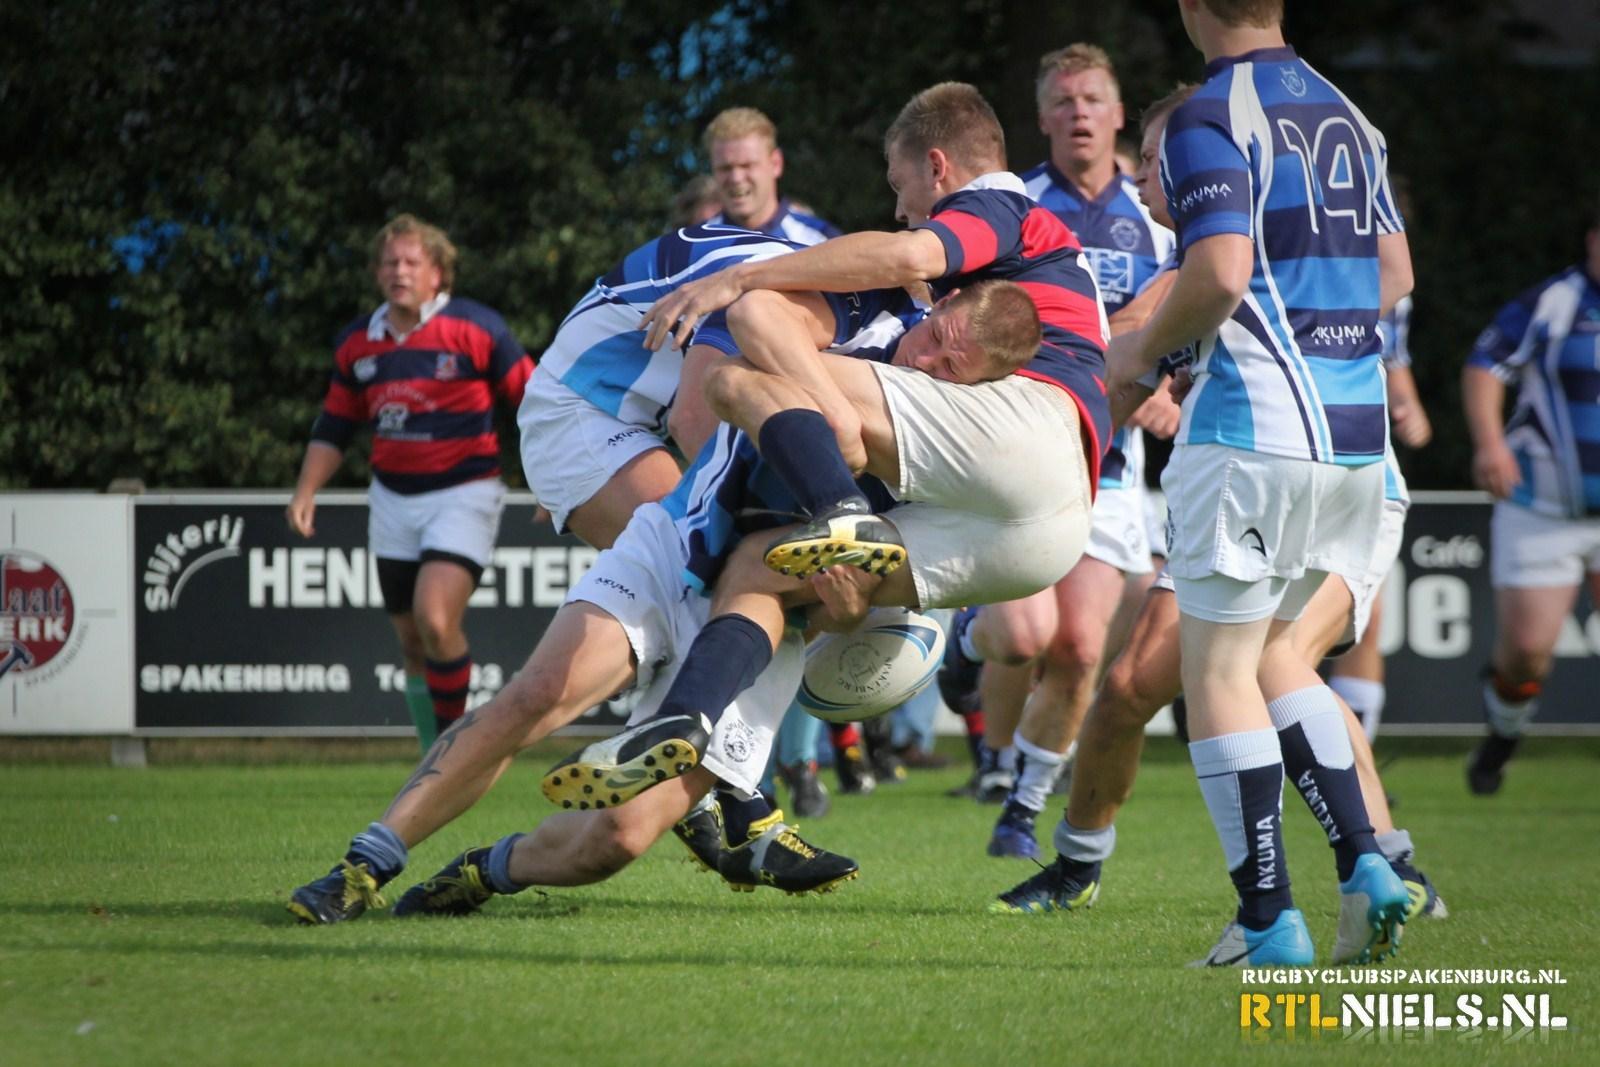 2012-09-22 | RCS – Utrechtse 3 | 57-0